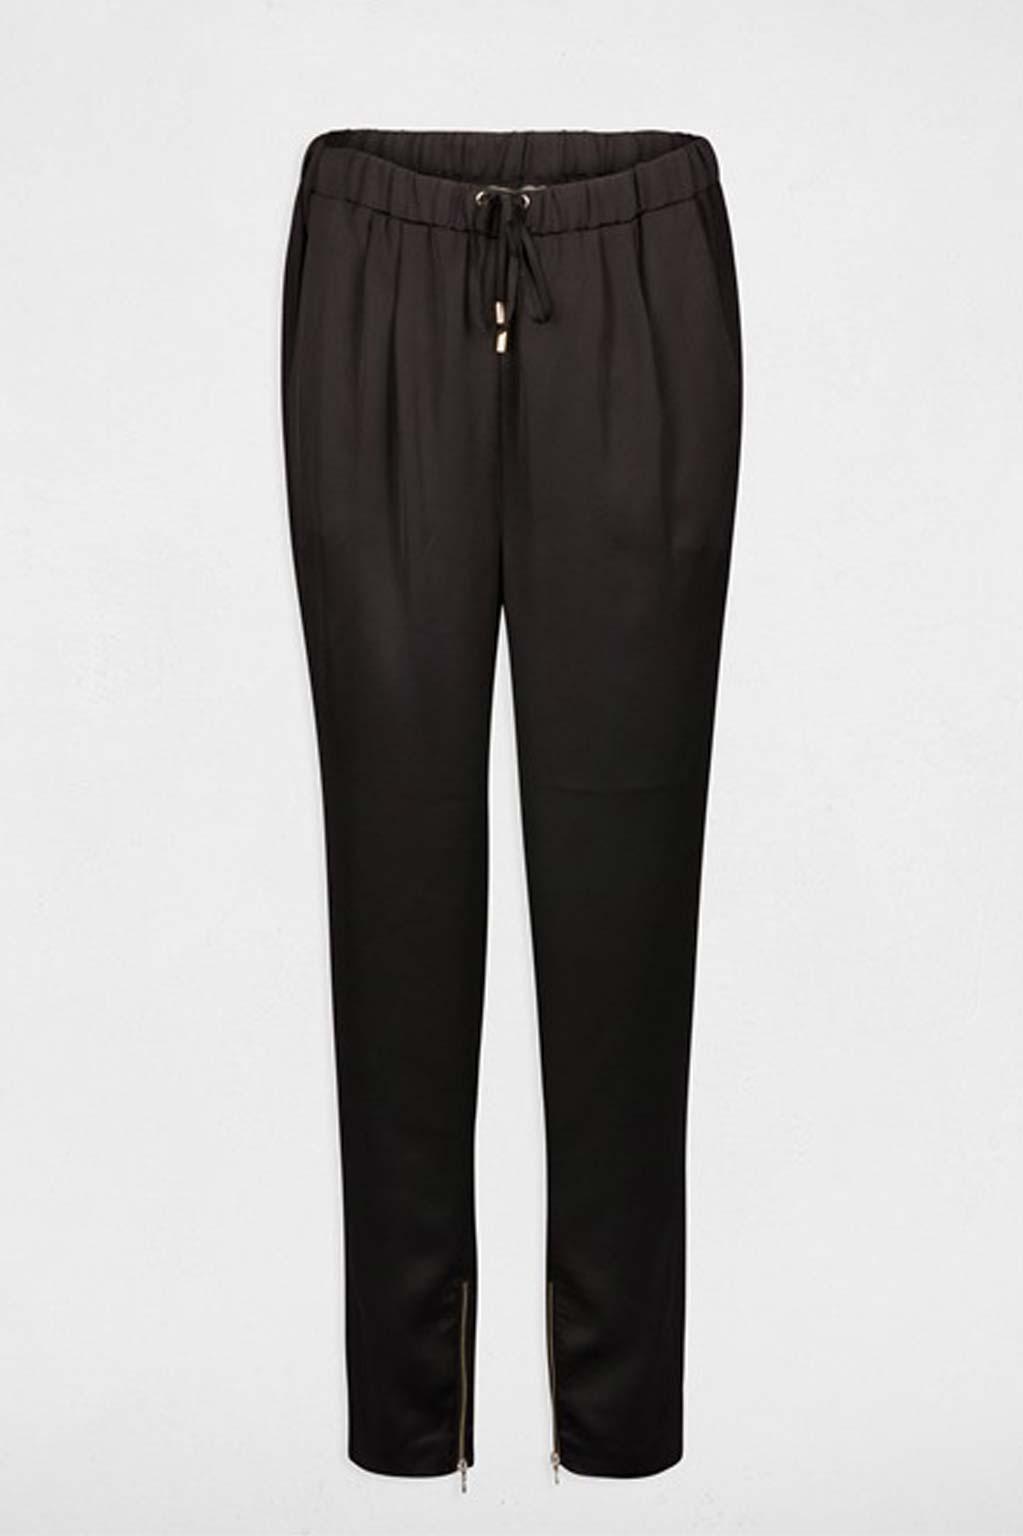 מכנסי בד אלגנטיים לנשים MORGAN עם סיומת רוכסן בקרסול - שחור